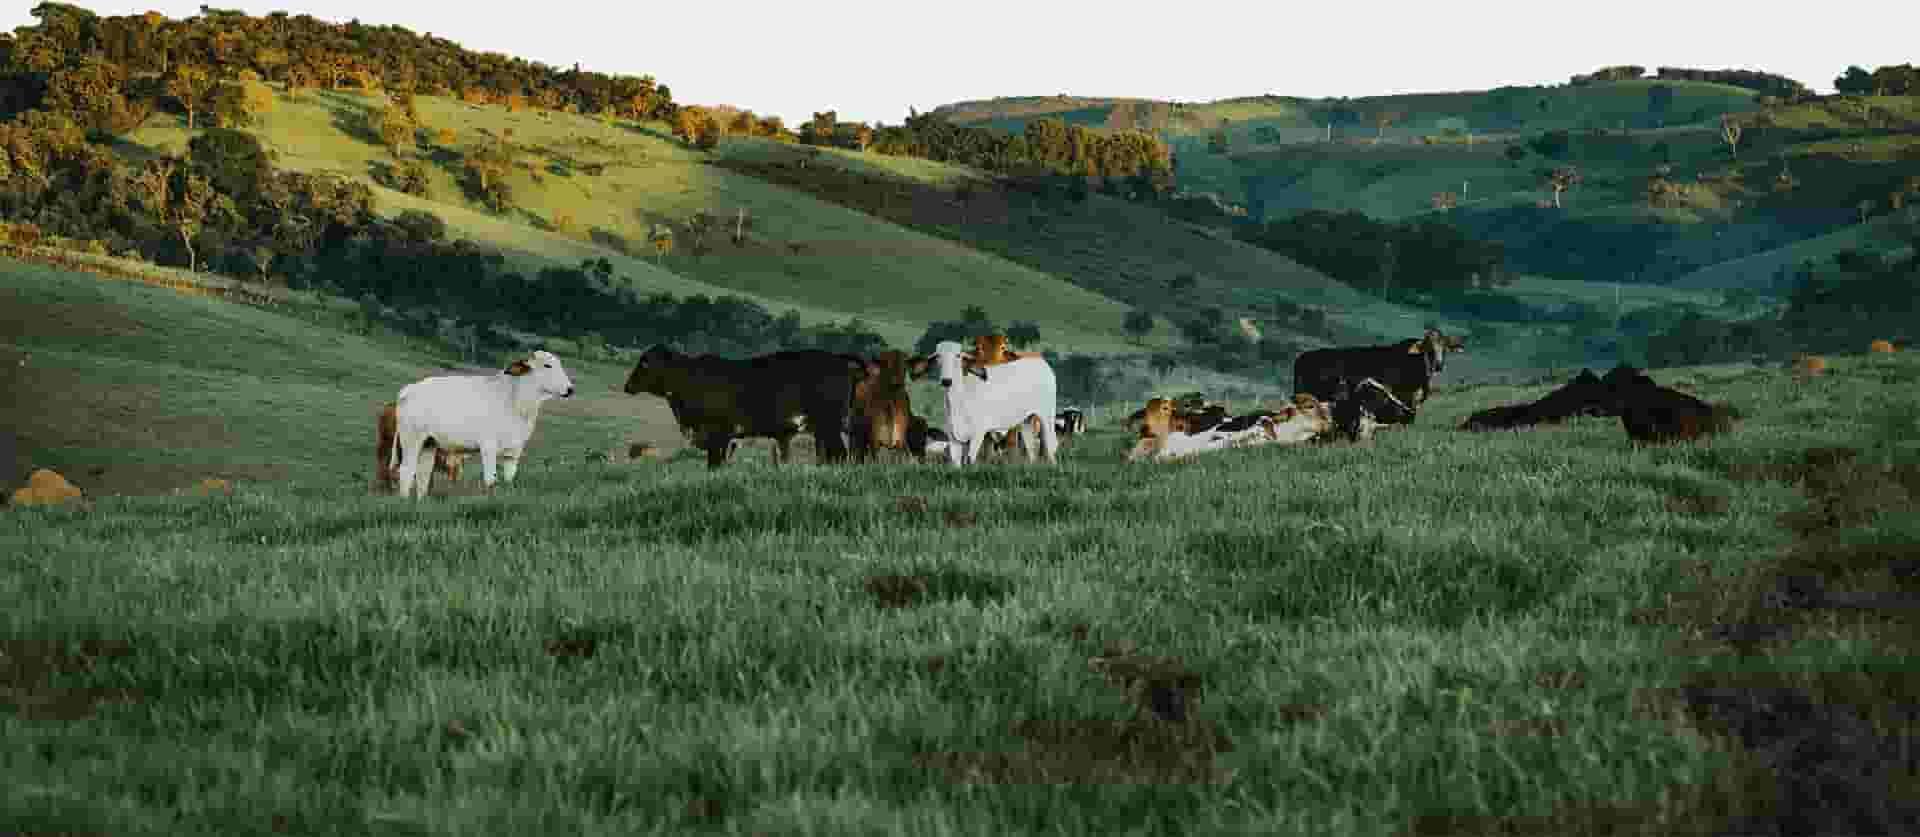 Imagem de um pasto com um gado